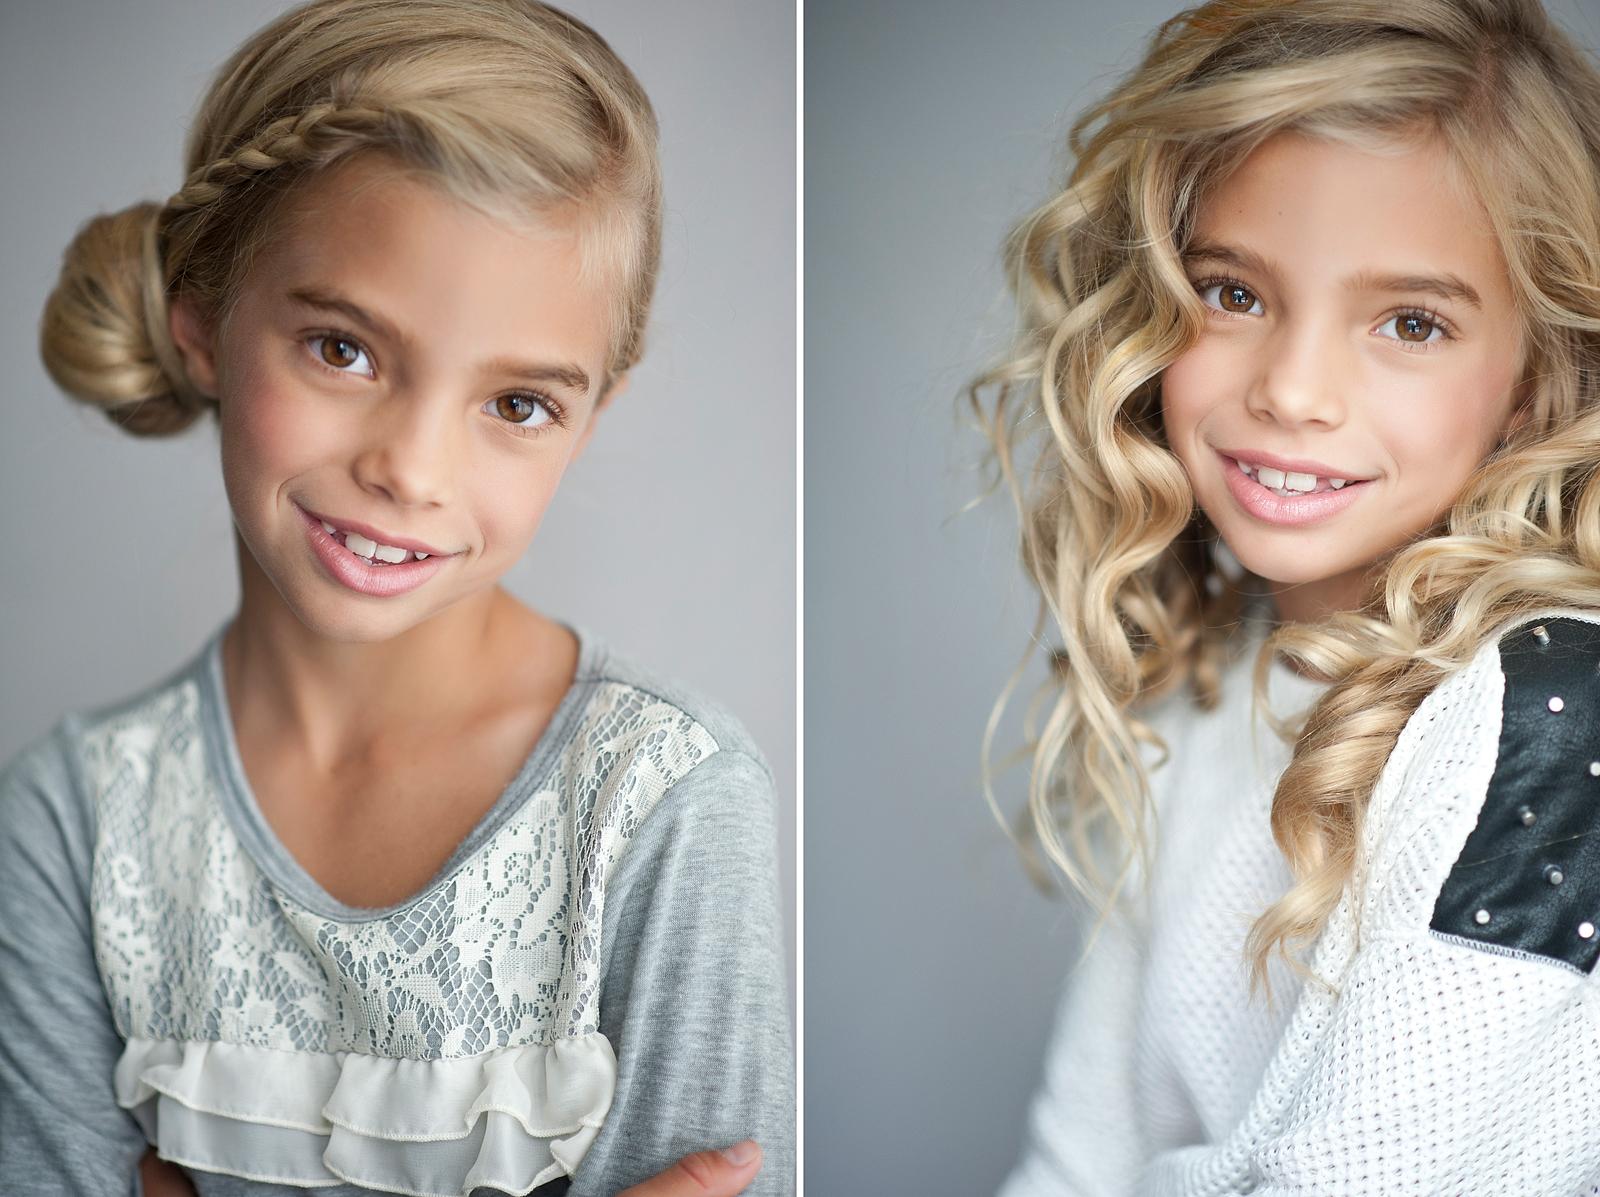 05-child-actor-girl-range-styling-card.jpg